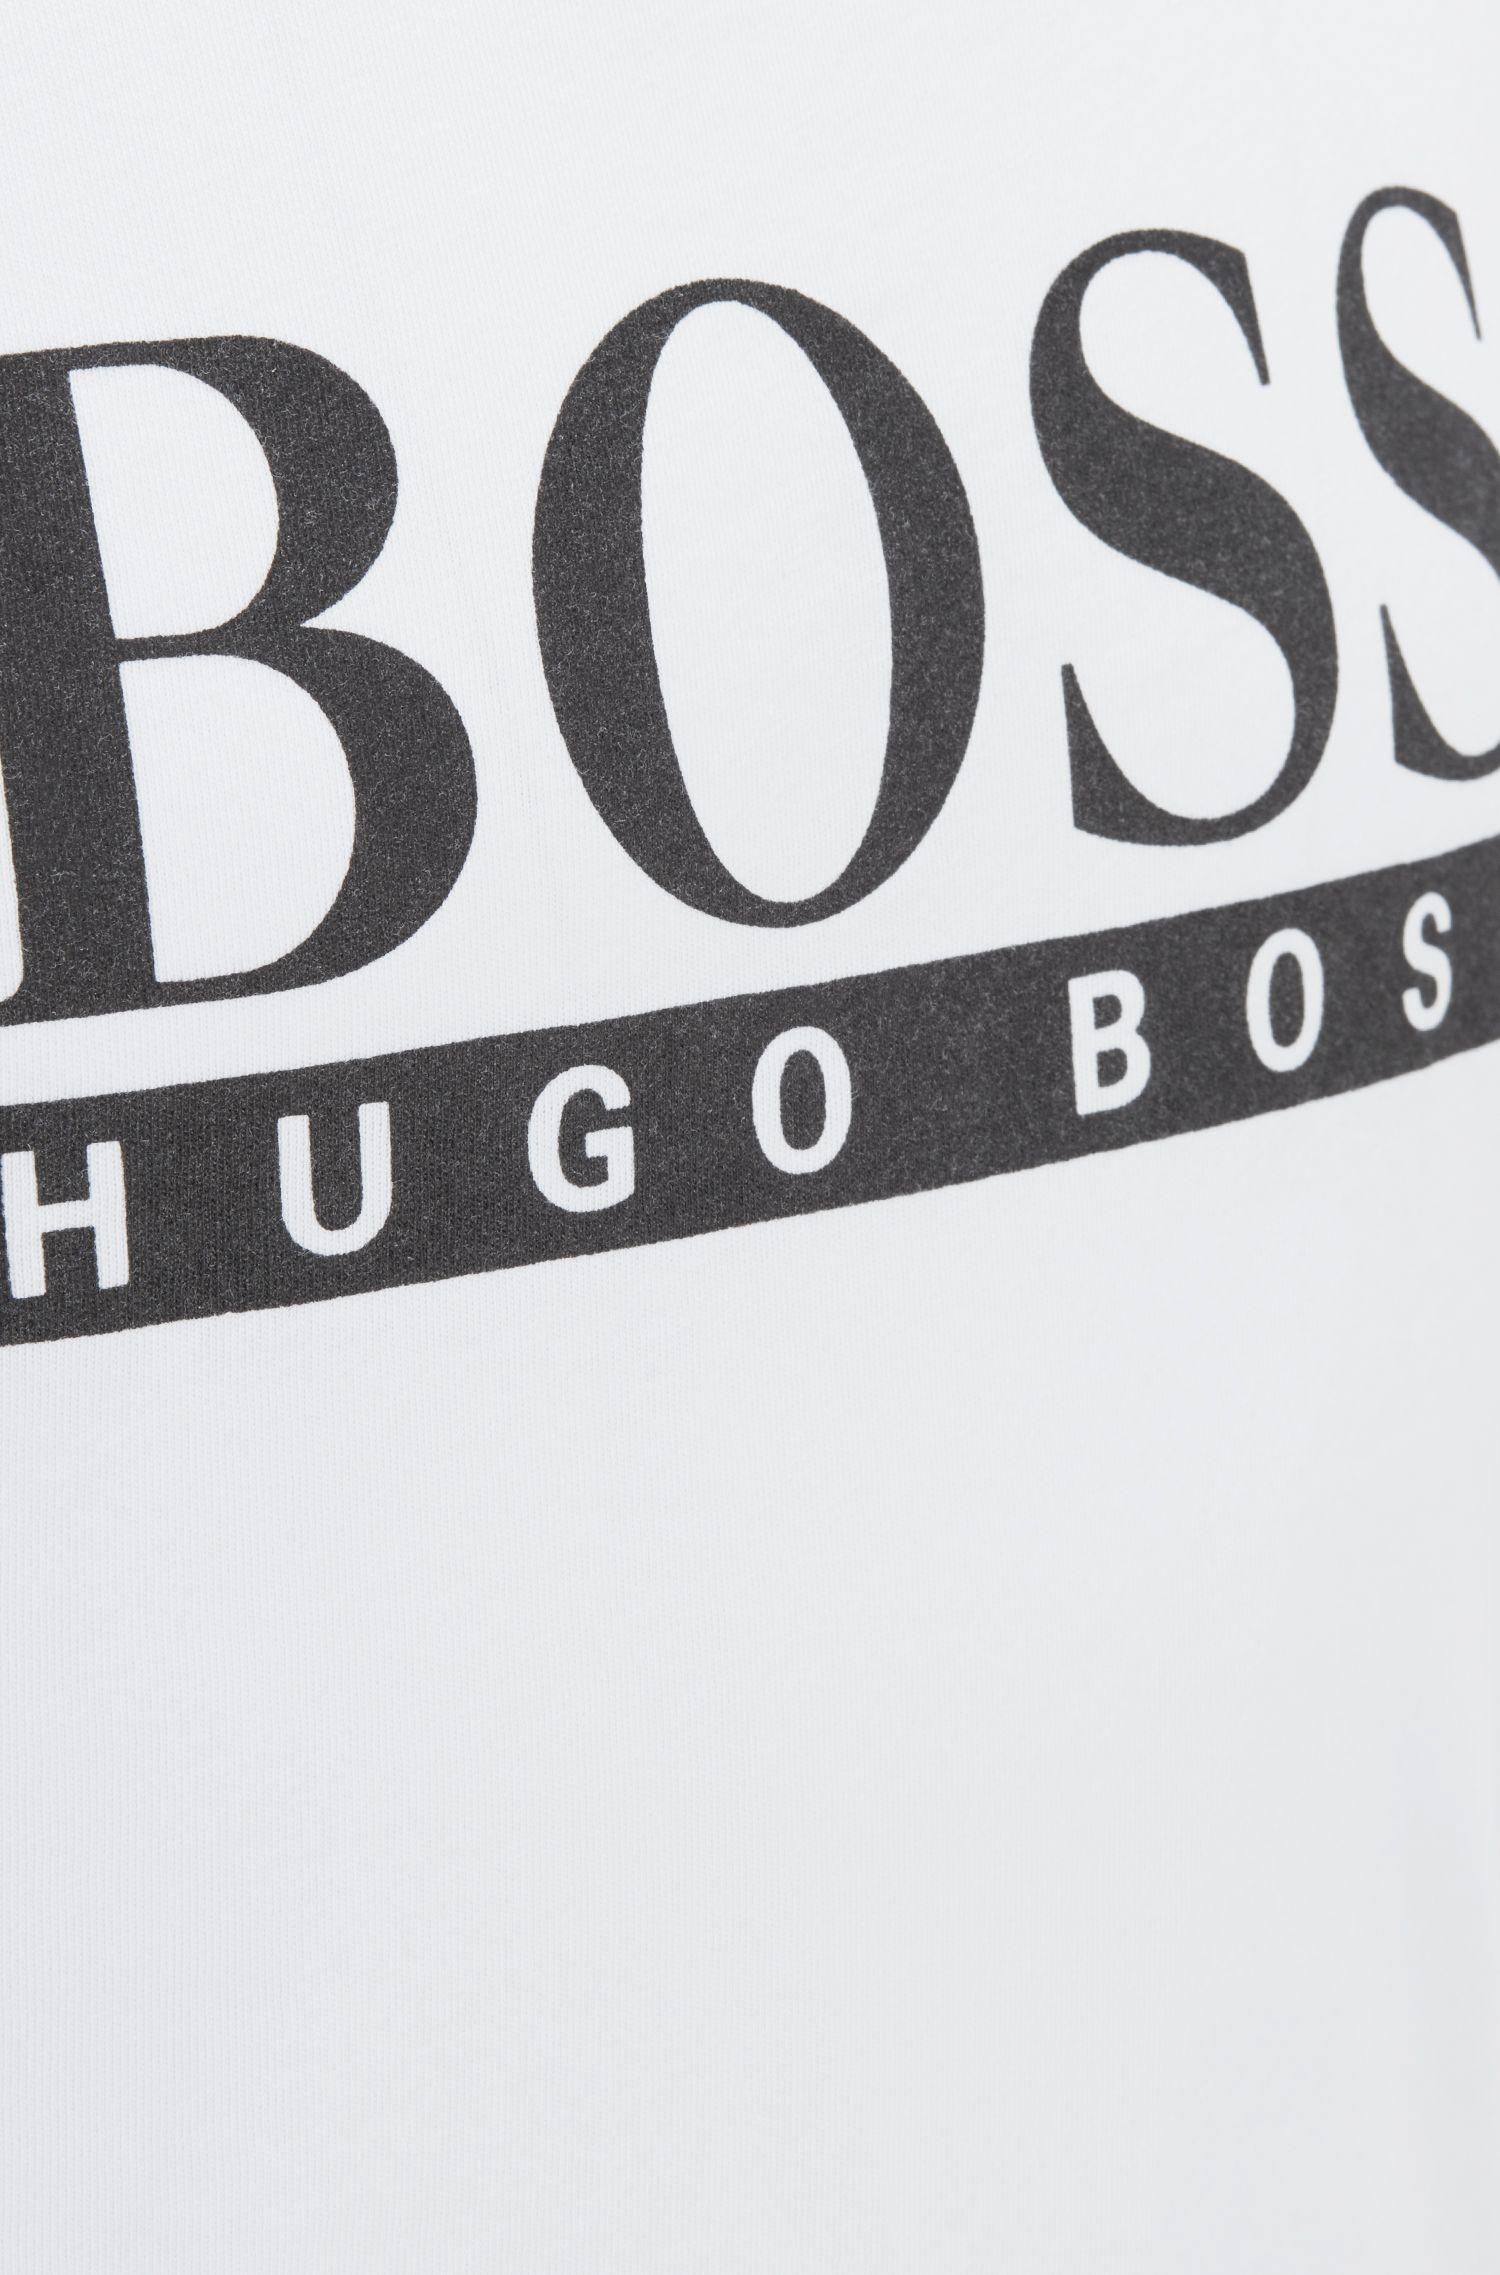 Camiseta de tirantes en puro algodón con logo estampado en contraste, Natural